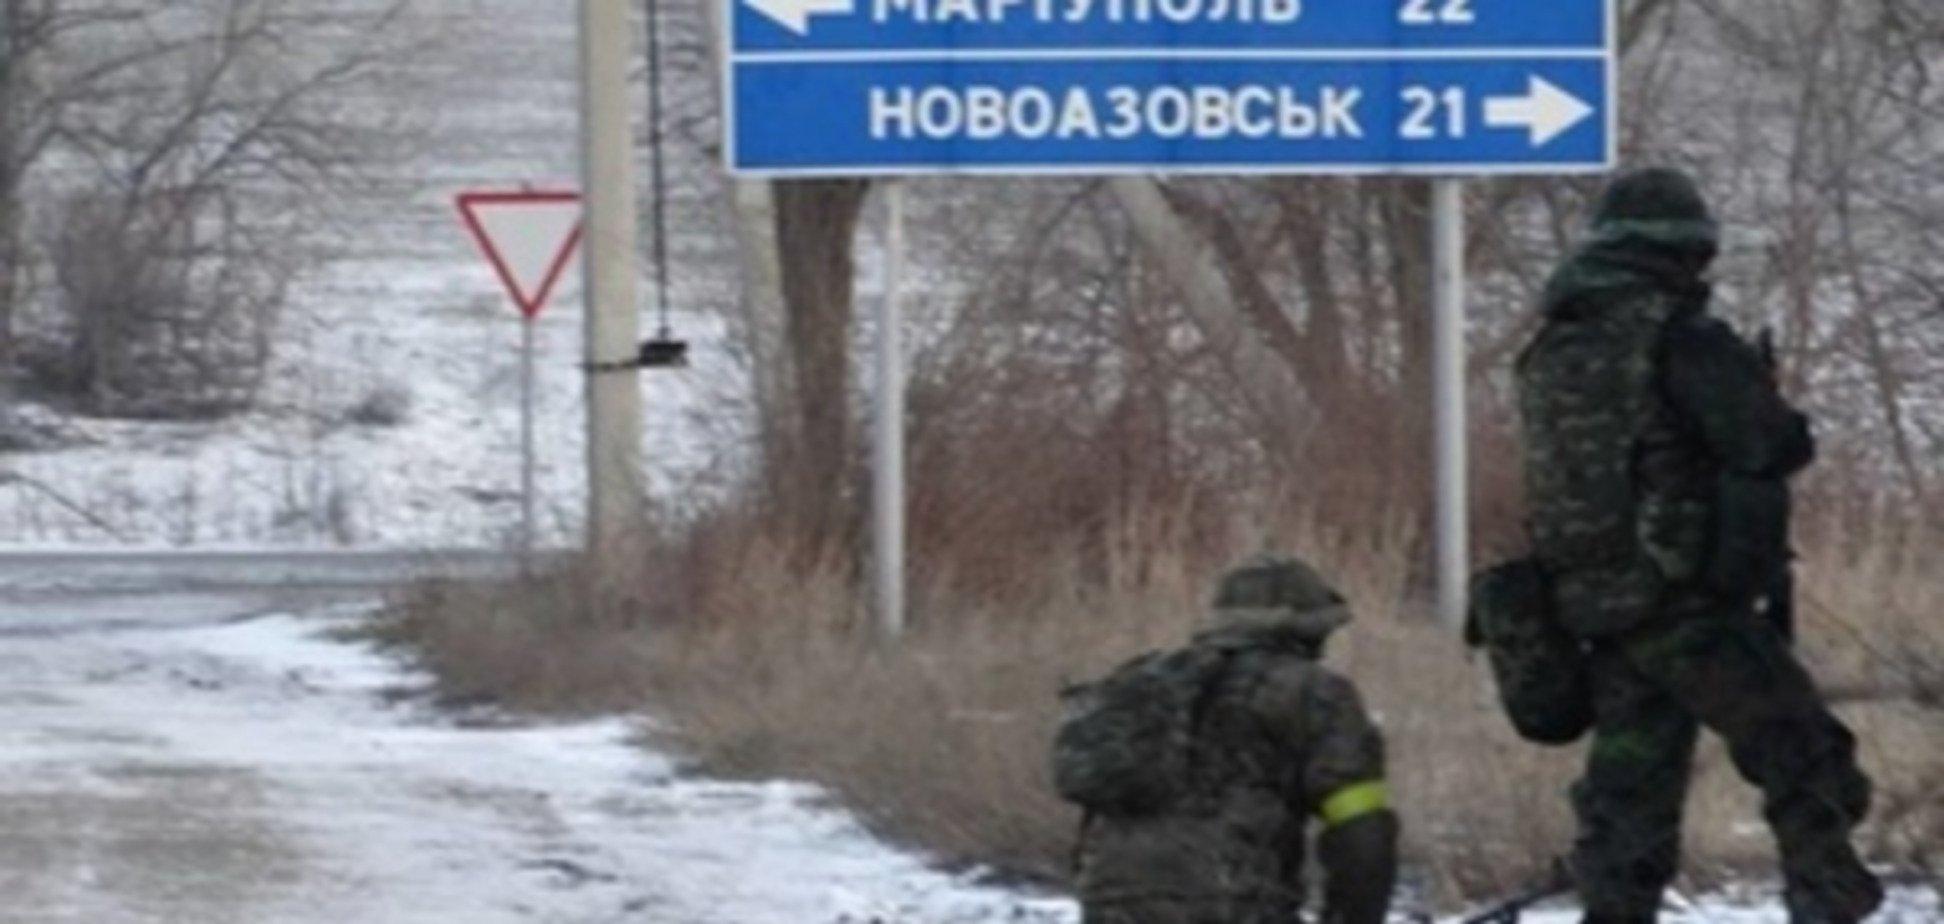 Два селища на Донеччині повернулися в Україну - активісти